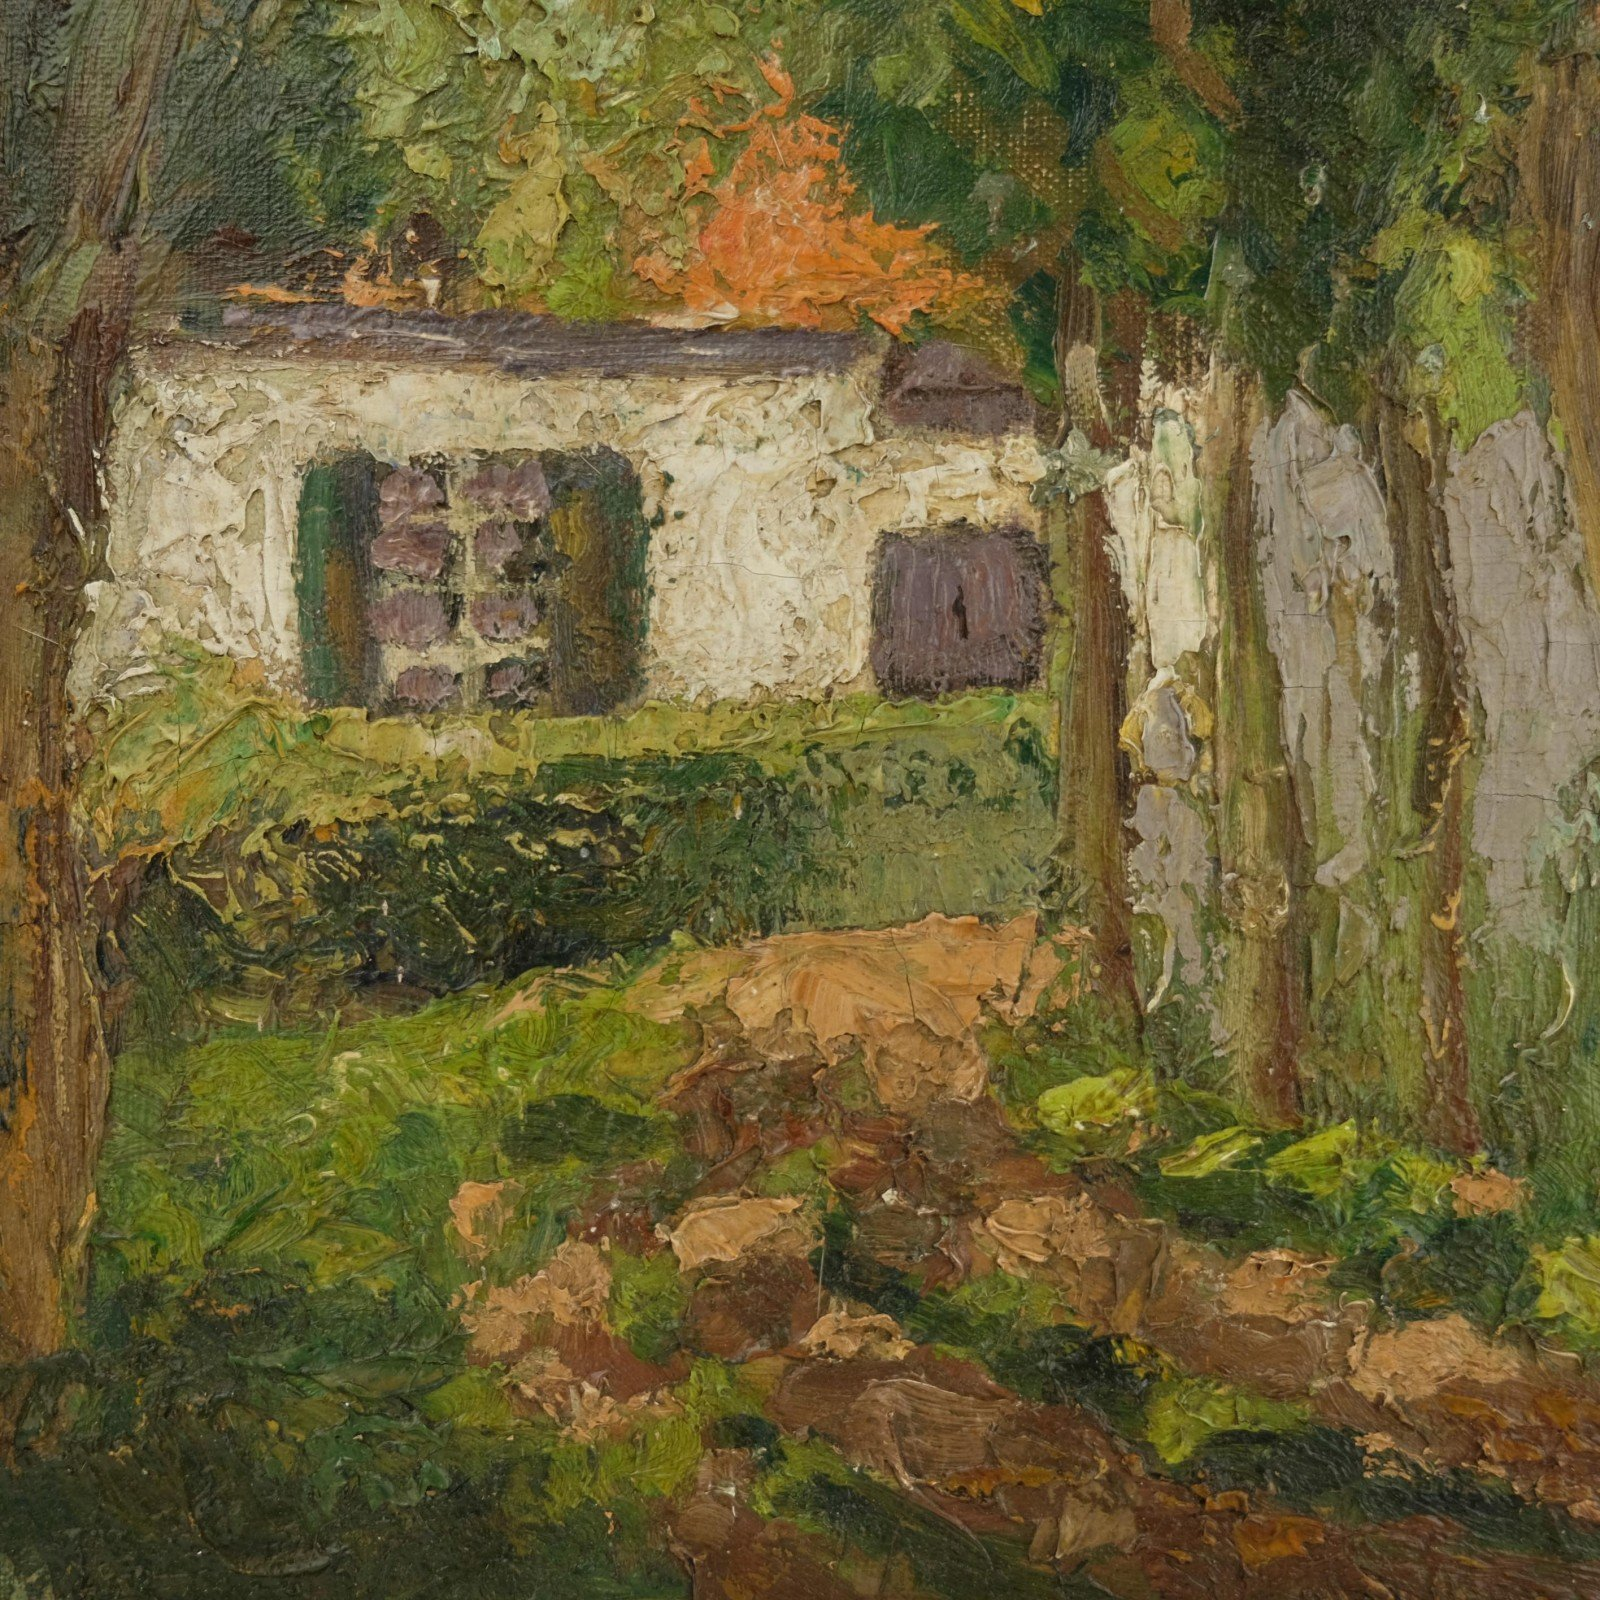 Charles Swyncop (1895-1970)